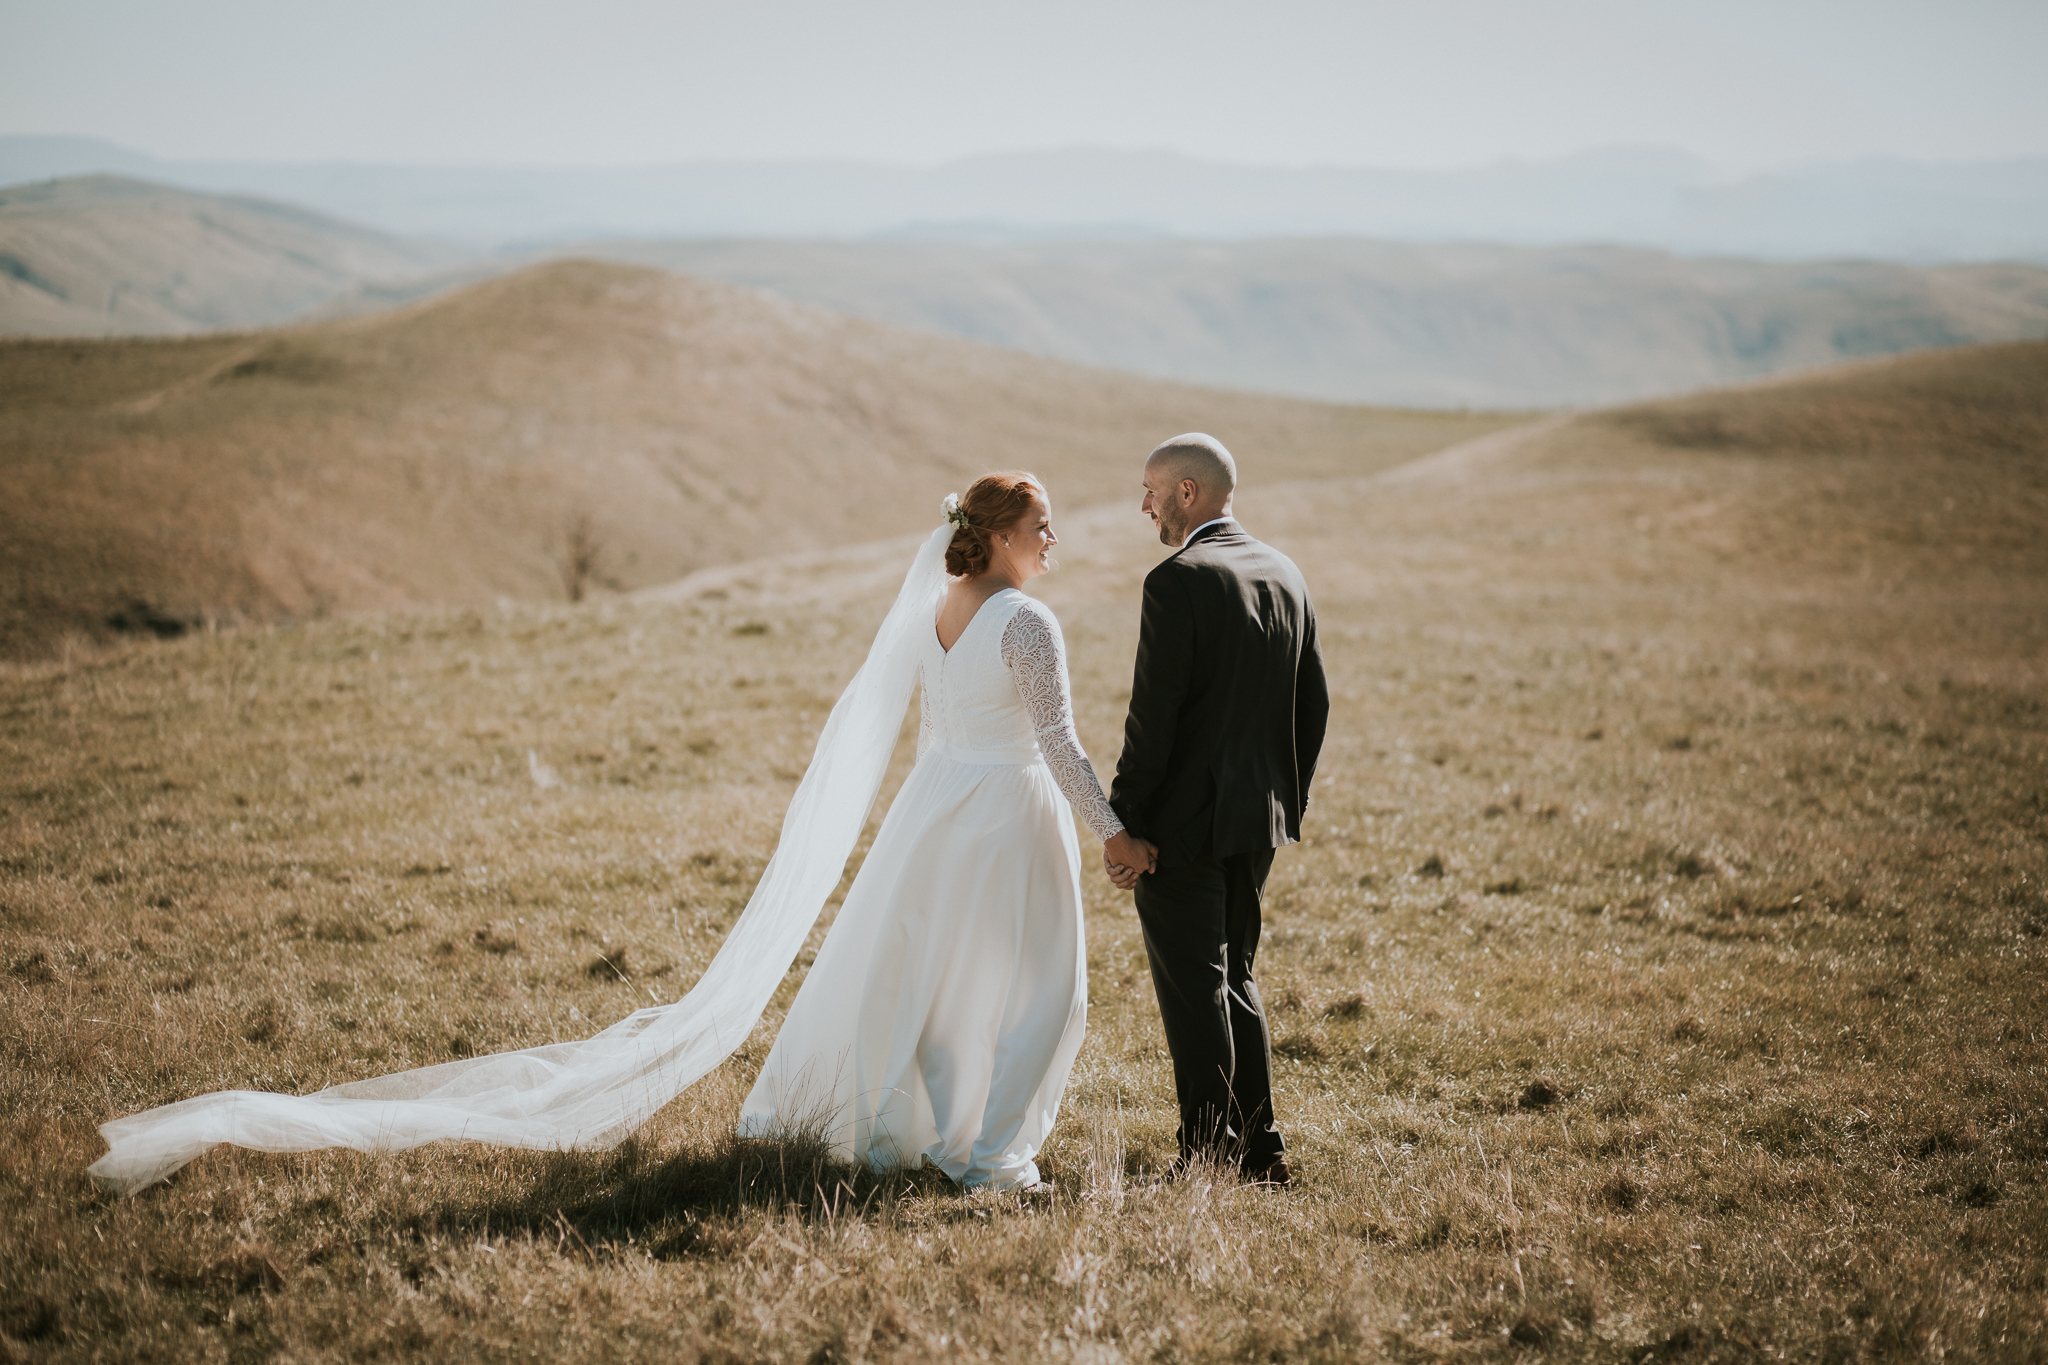 wedding photographer hawkes bay , Lisa Fisher Photography, Selini Winery Wedding -64.jpg